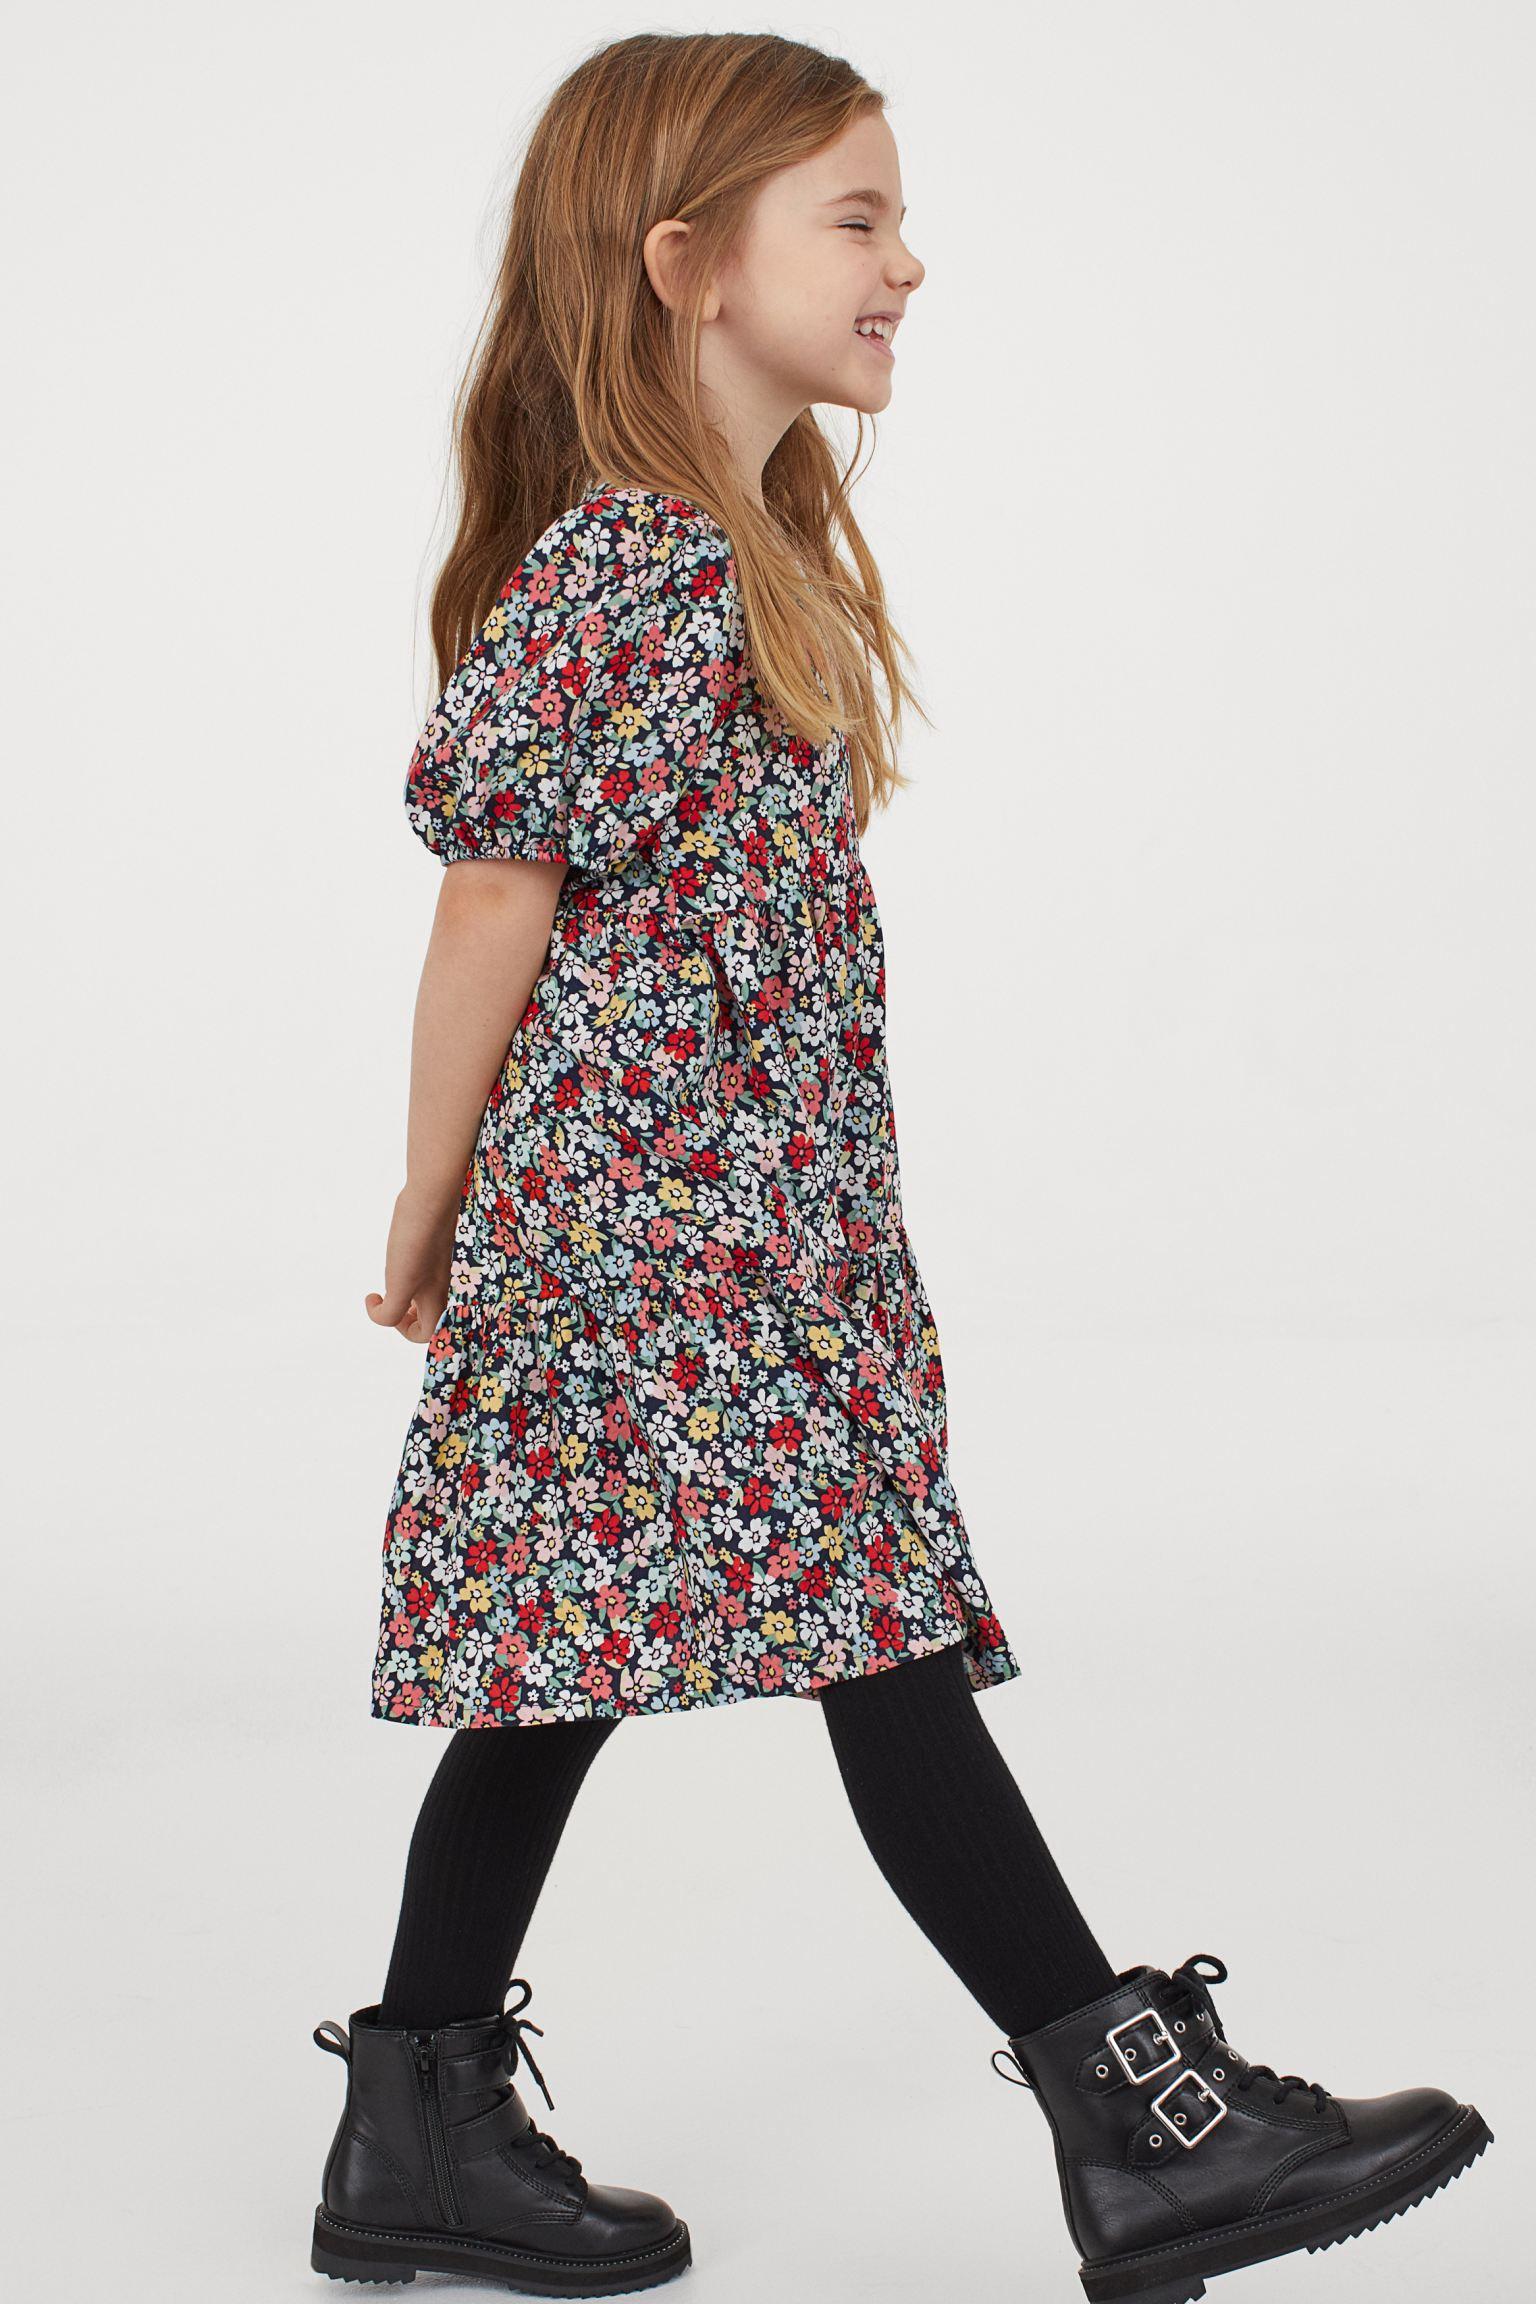 H&M Girls Puff-Sleeved Dress